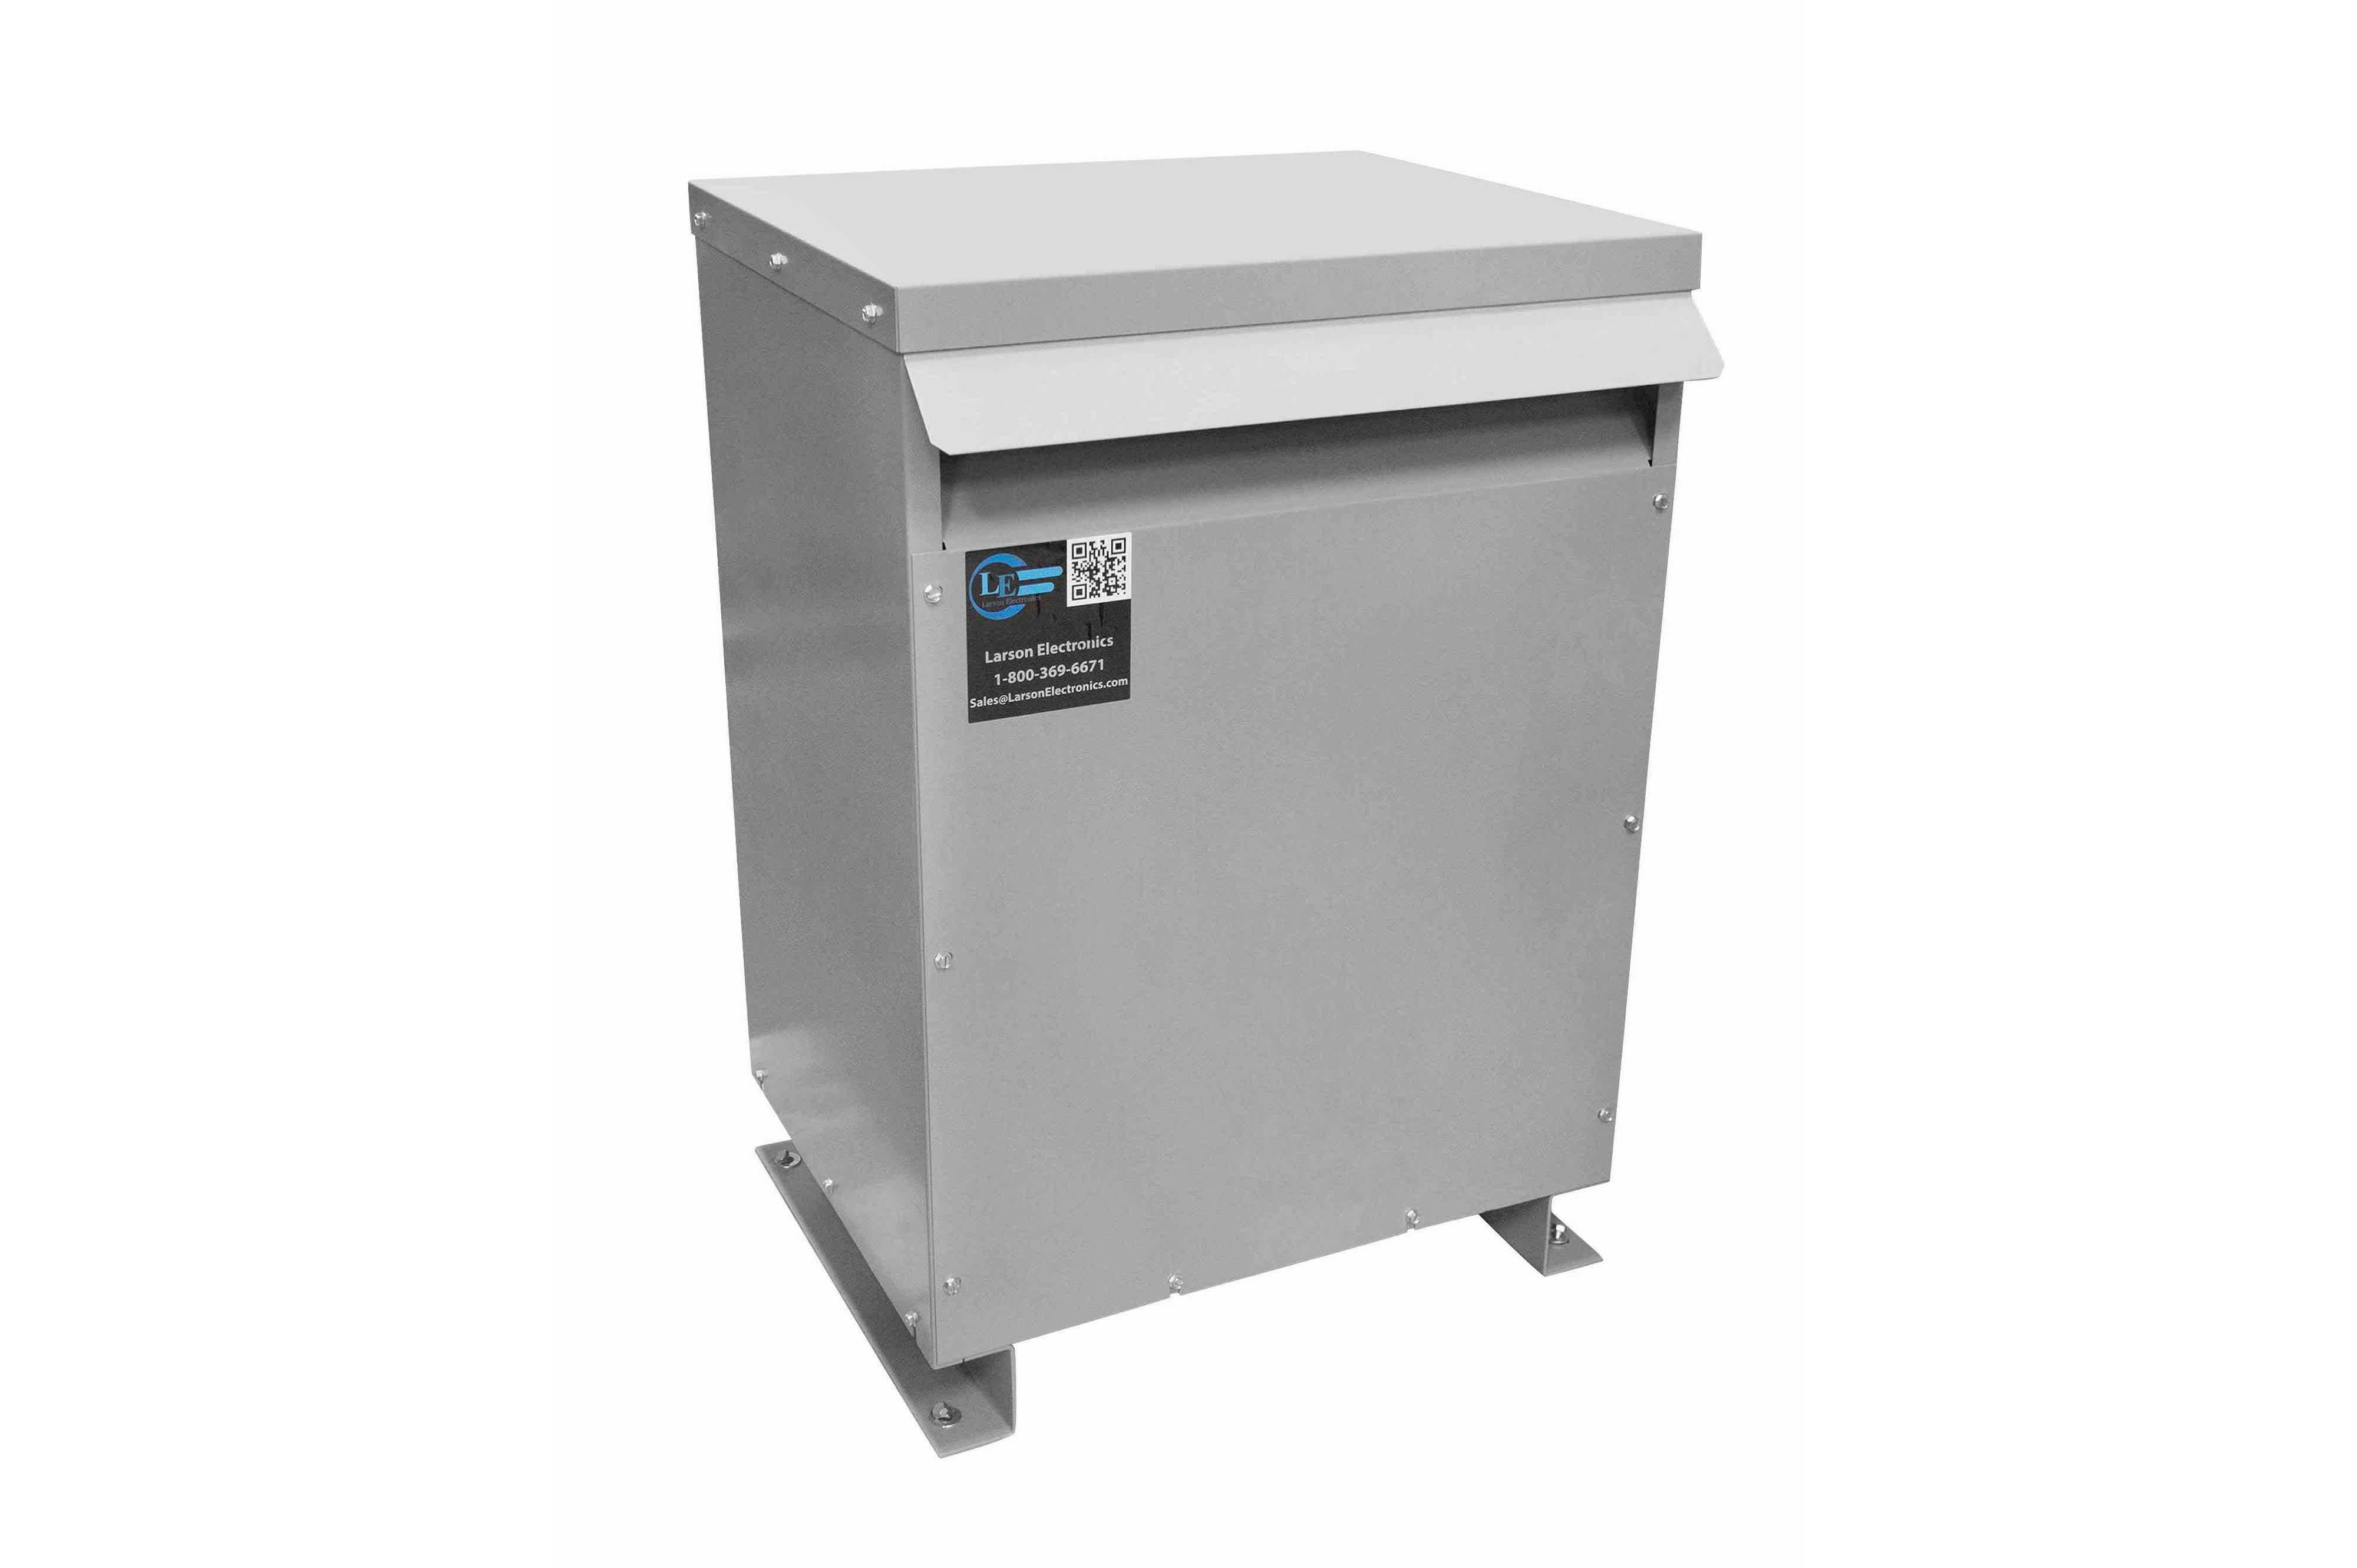 35 kVA 3PH Isolation Transformer, 480V Delta Primary, 575V Delta Secondary, N3R, Ventilated, 60 Hz